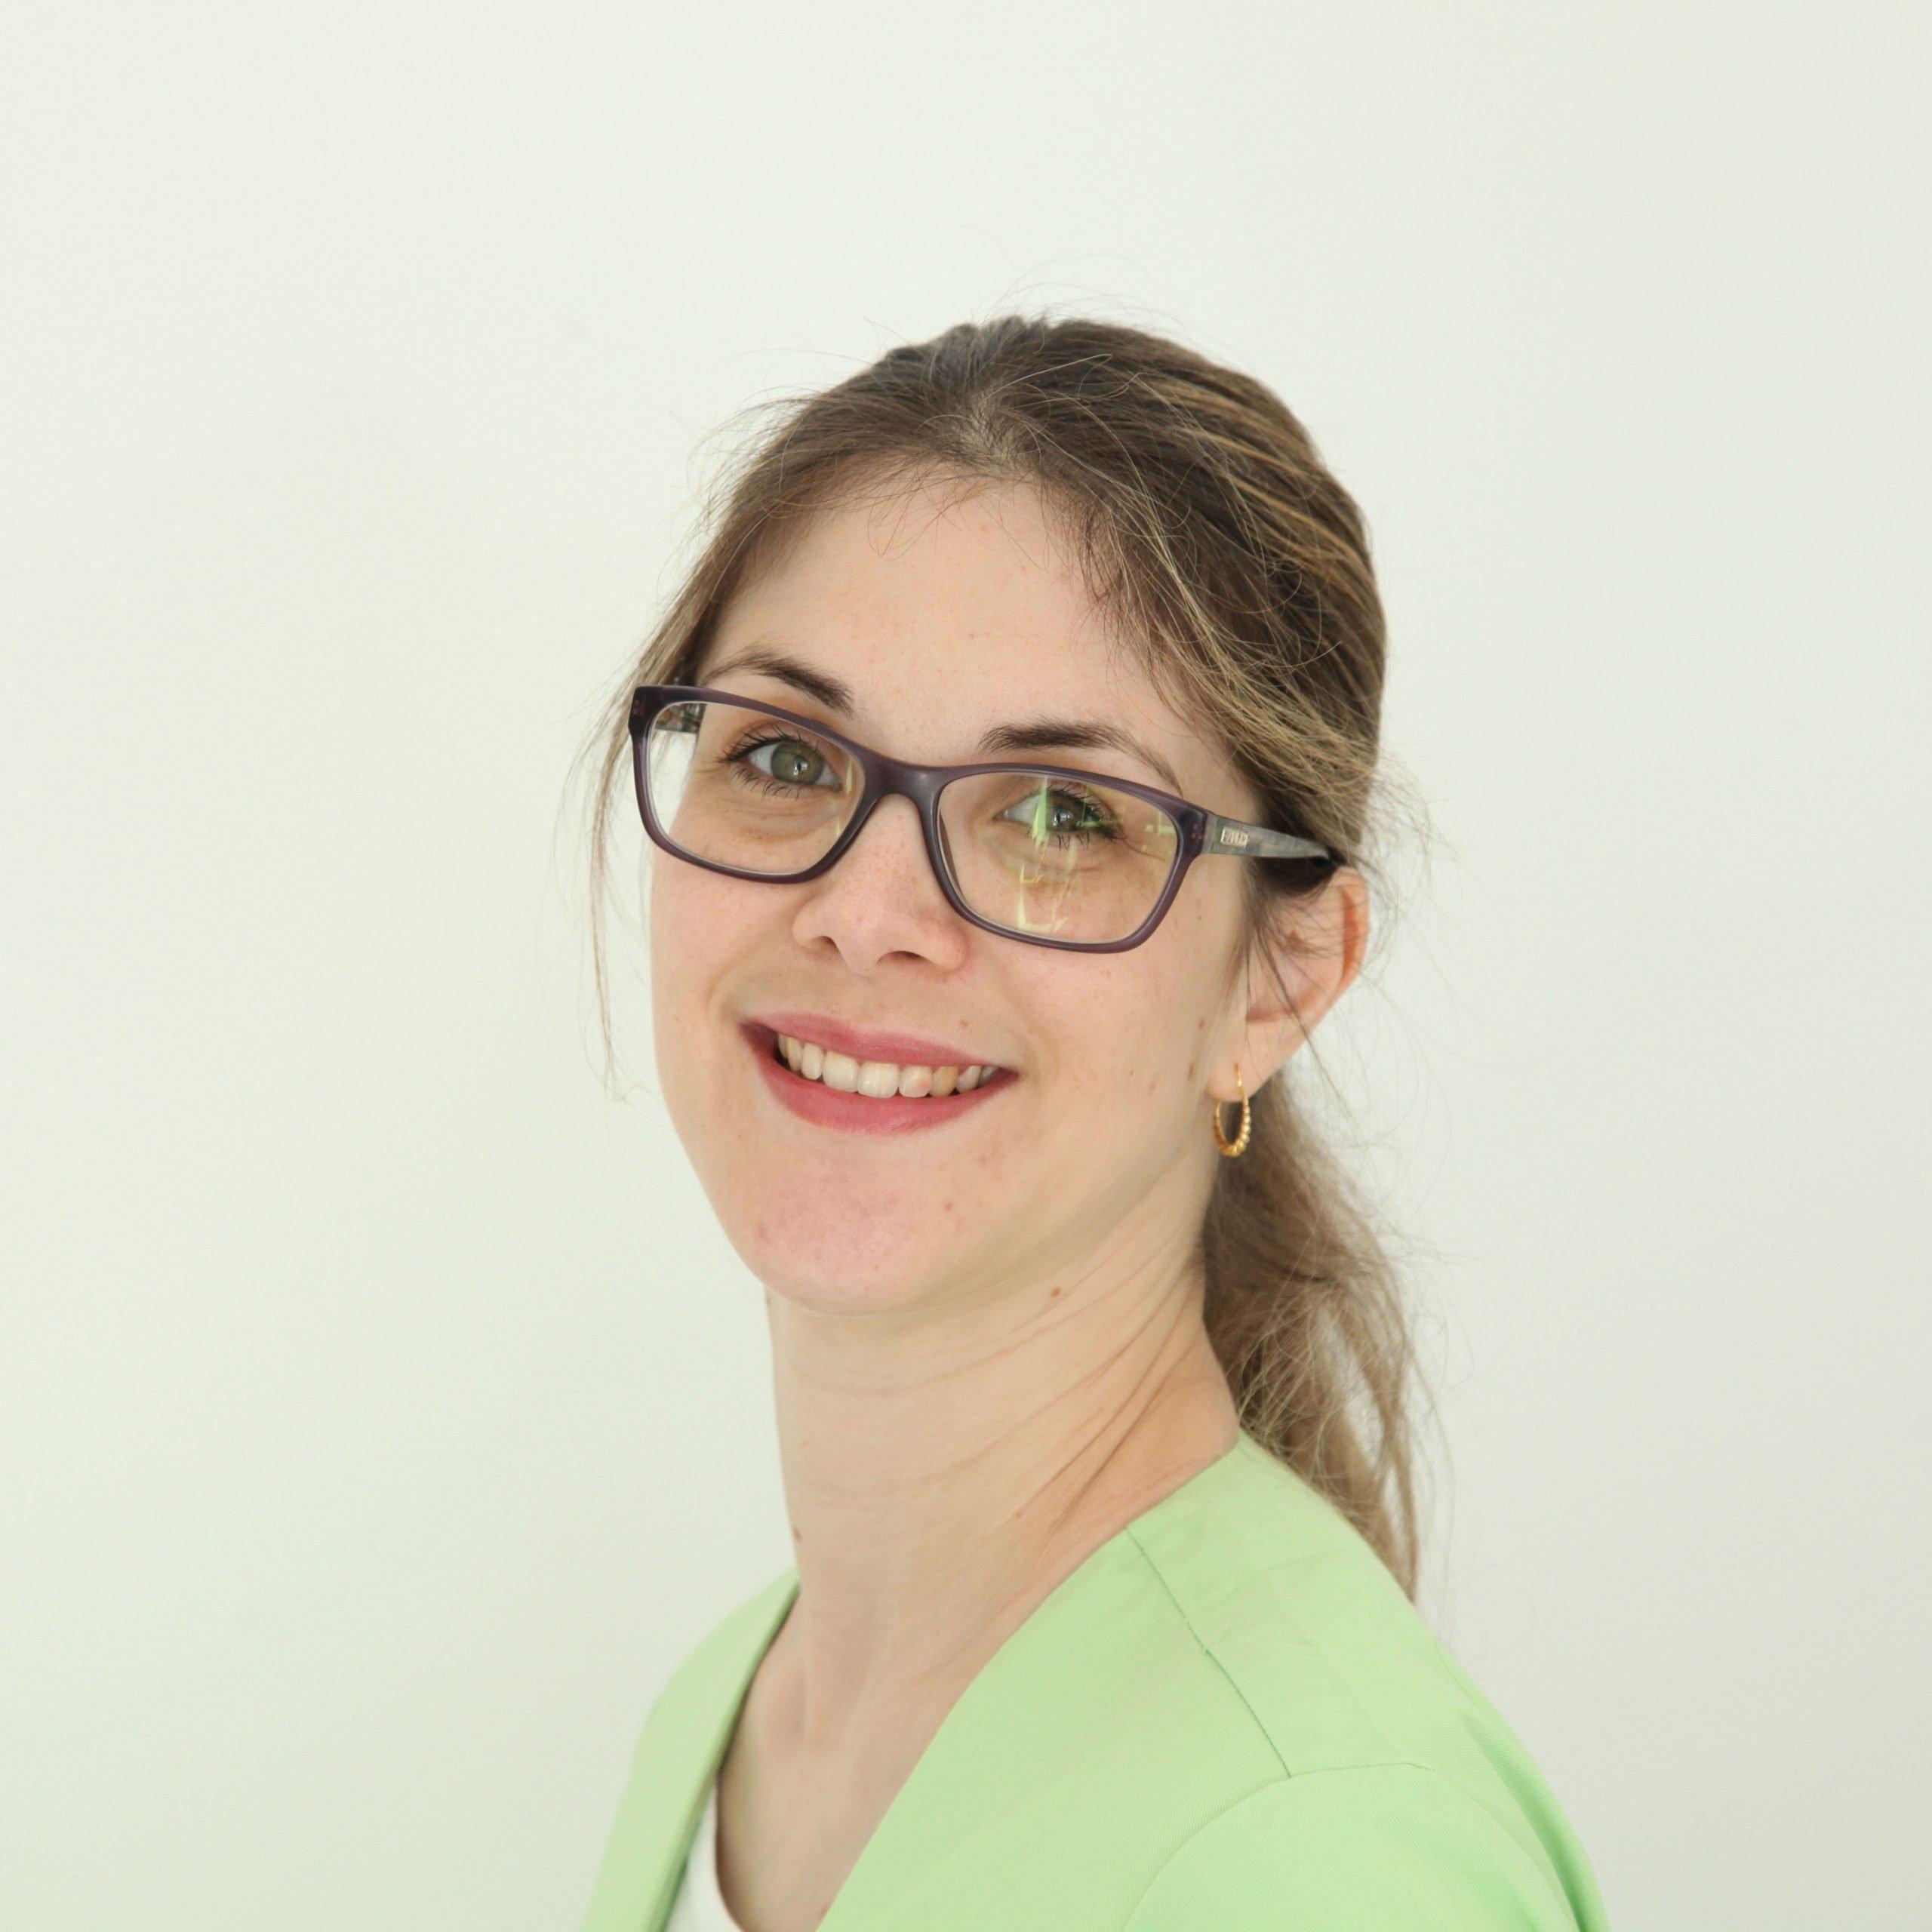 Nathalie Kunsch-Atención al paciente